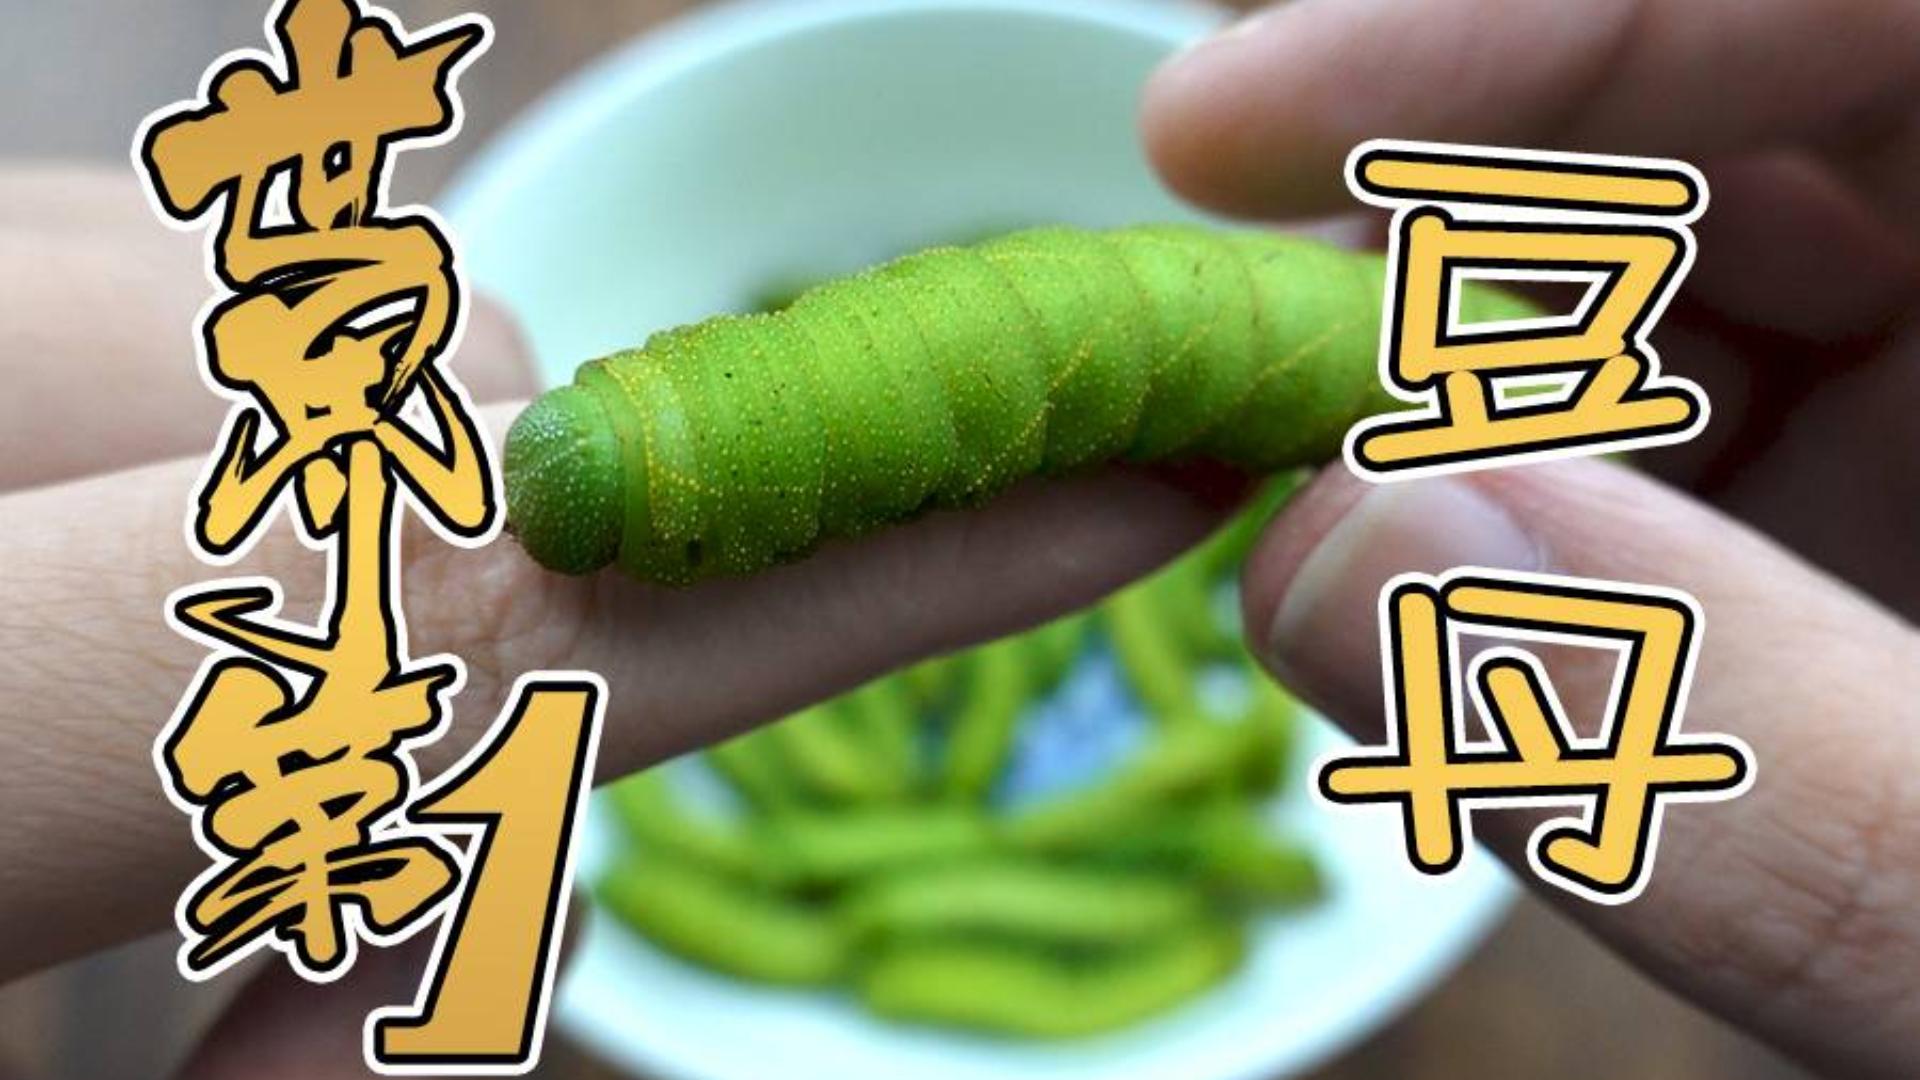 【世界第一系列】试吃最美味之一的虫子 豆丹